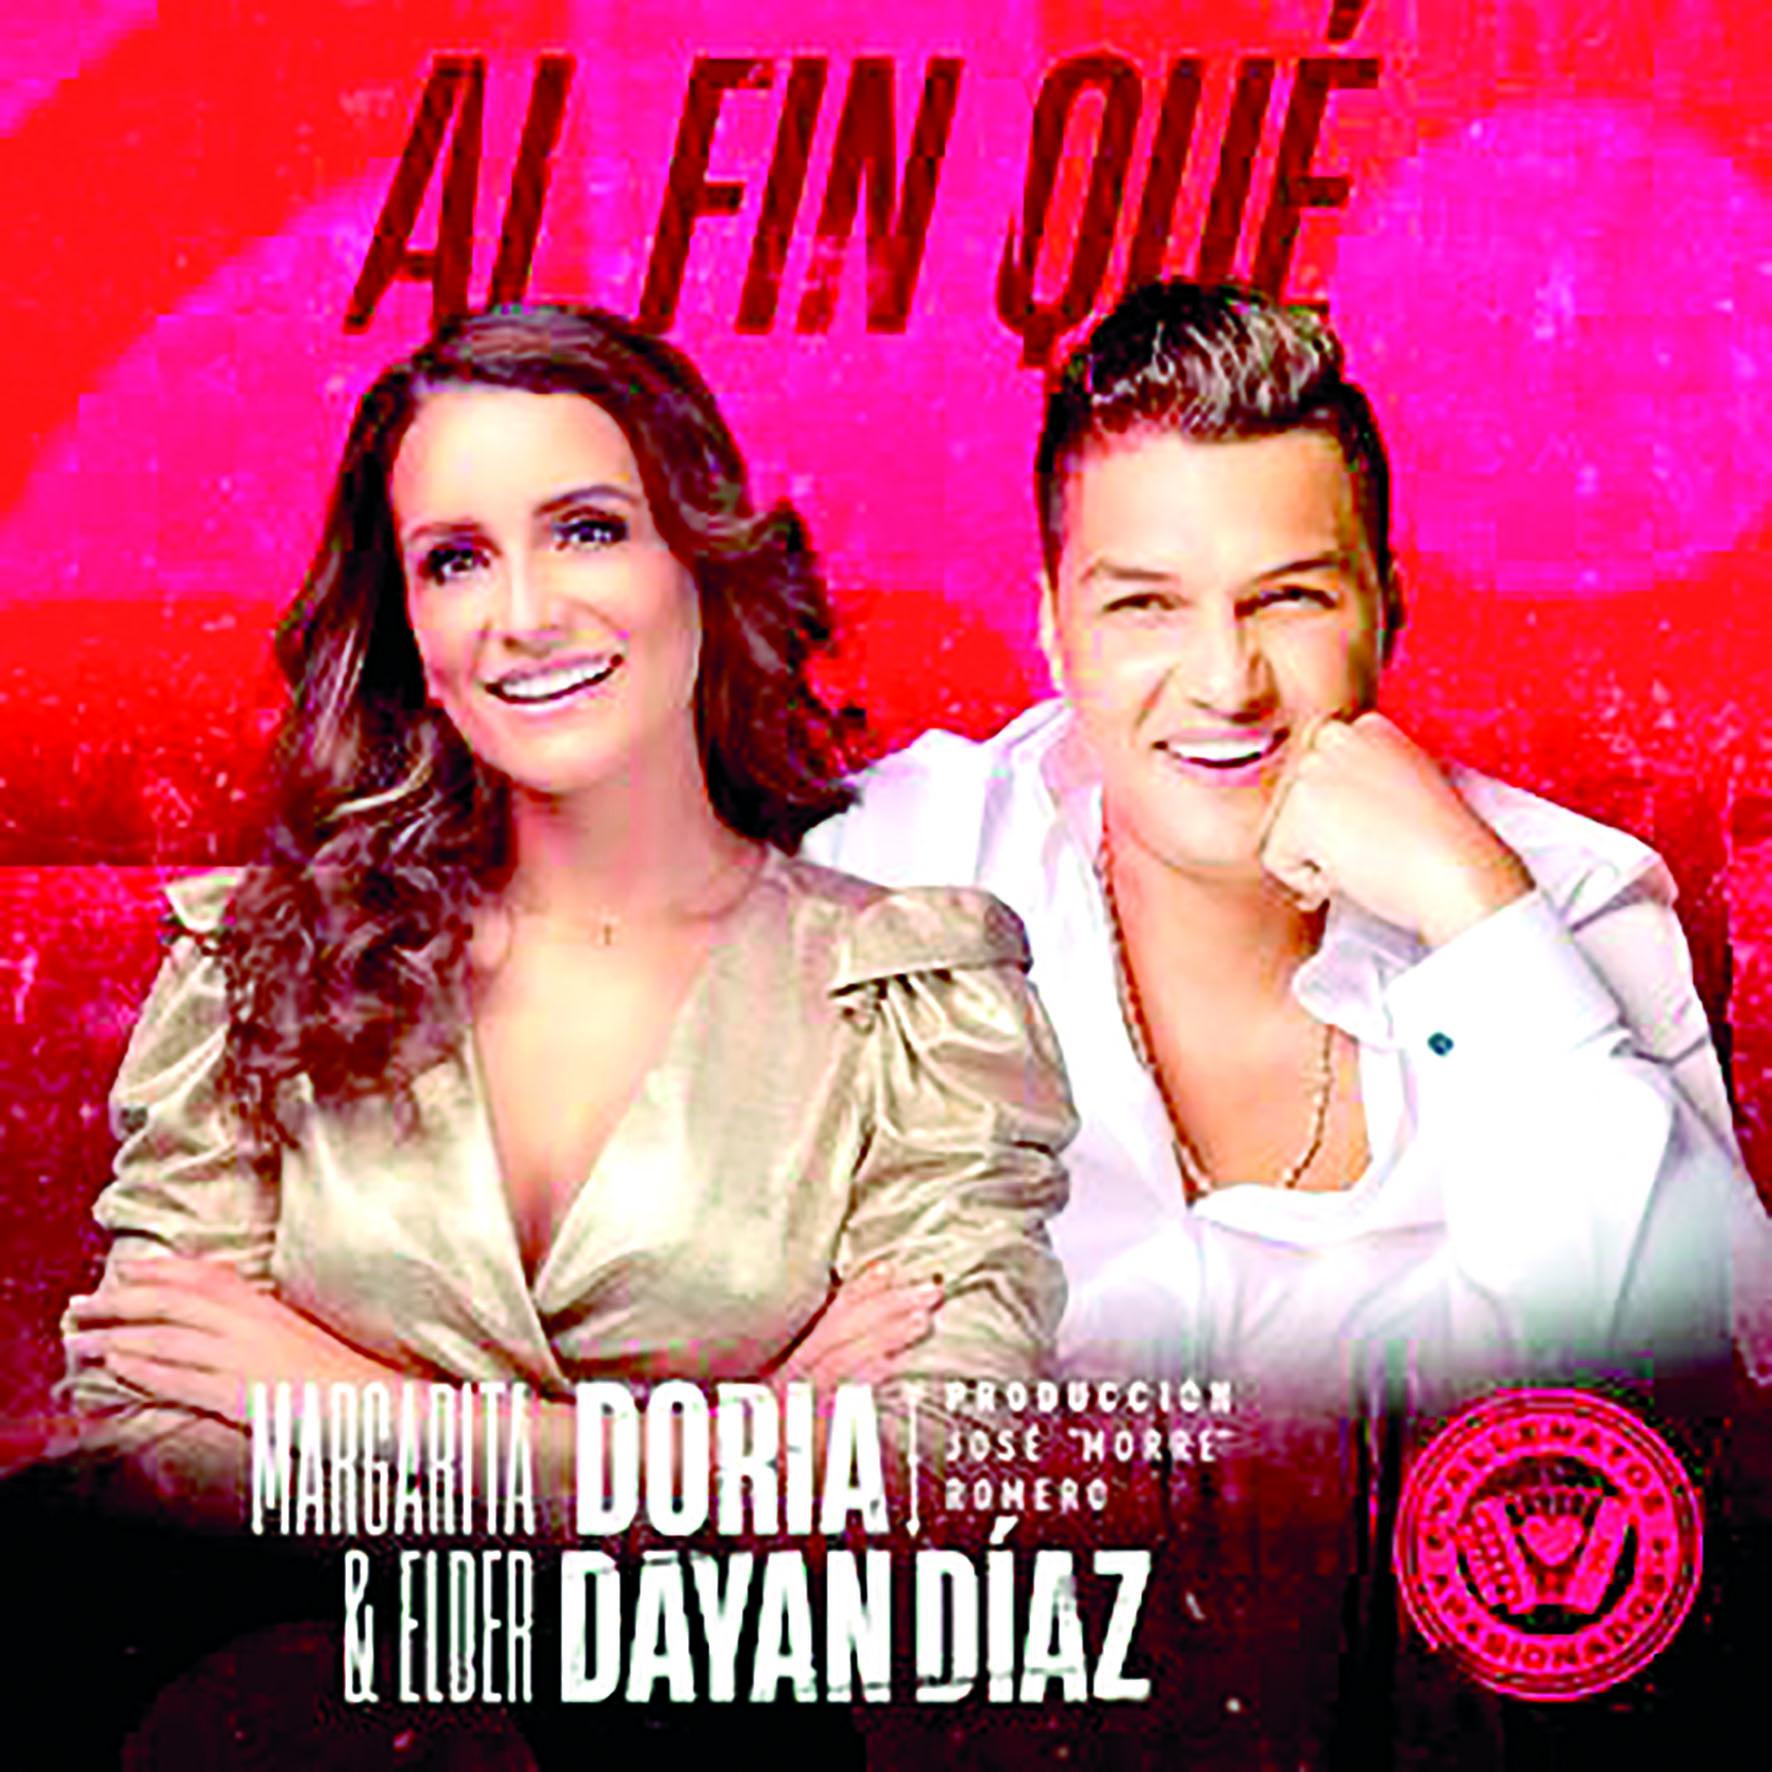 """""""Al fin qué"""" Vallenatos apasionados con Margarita Doria y Elder Dayan Díaz    EL FRENTE"""